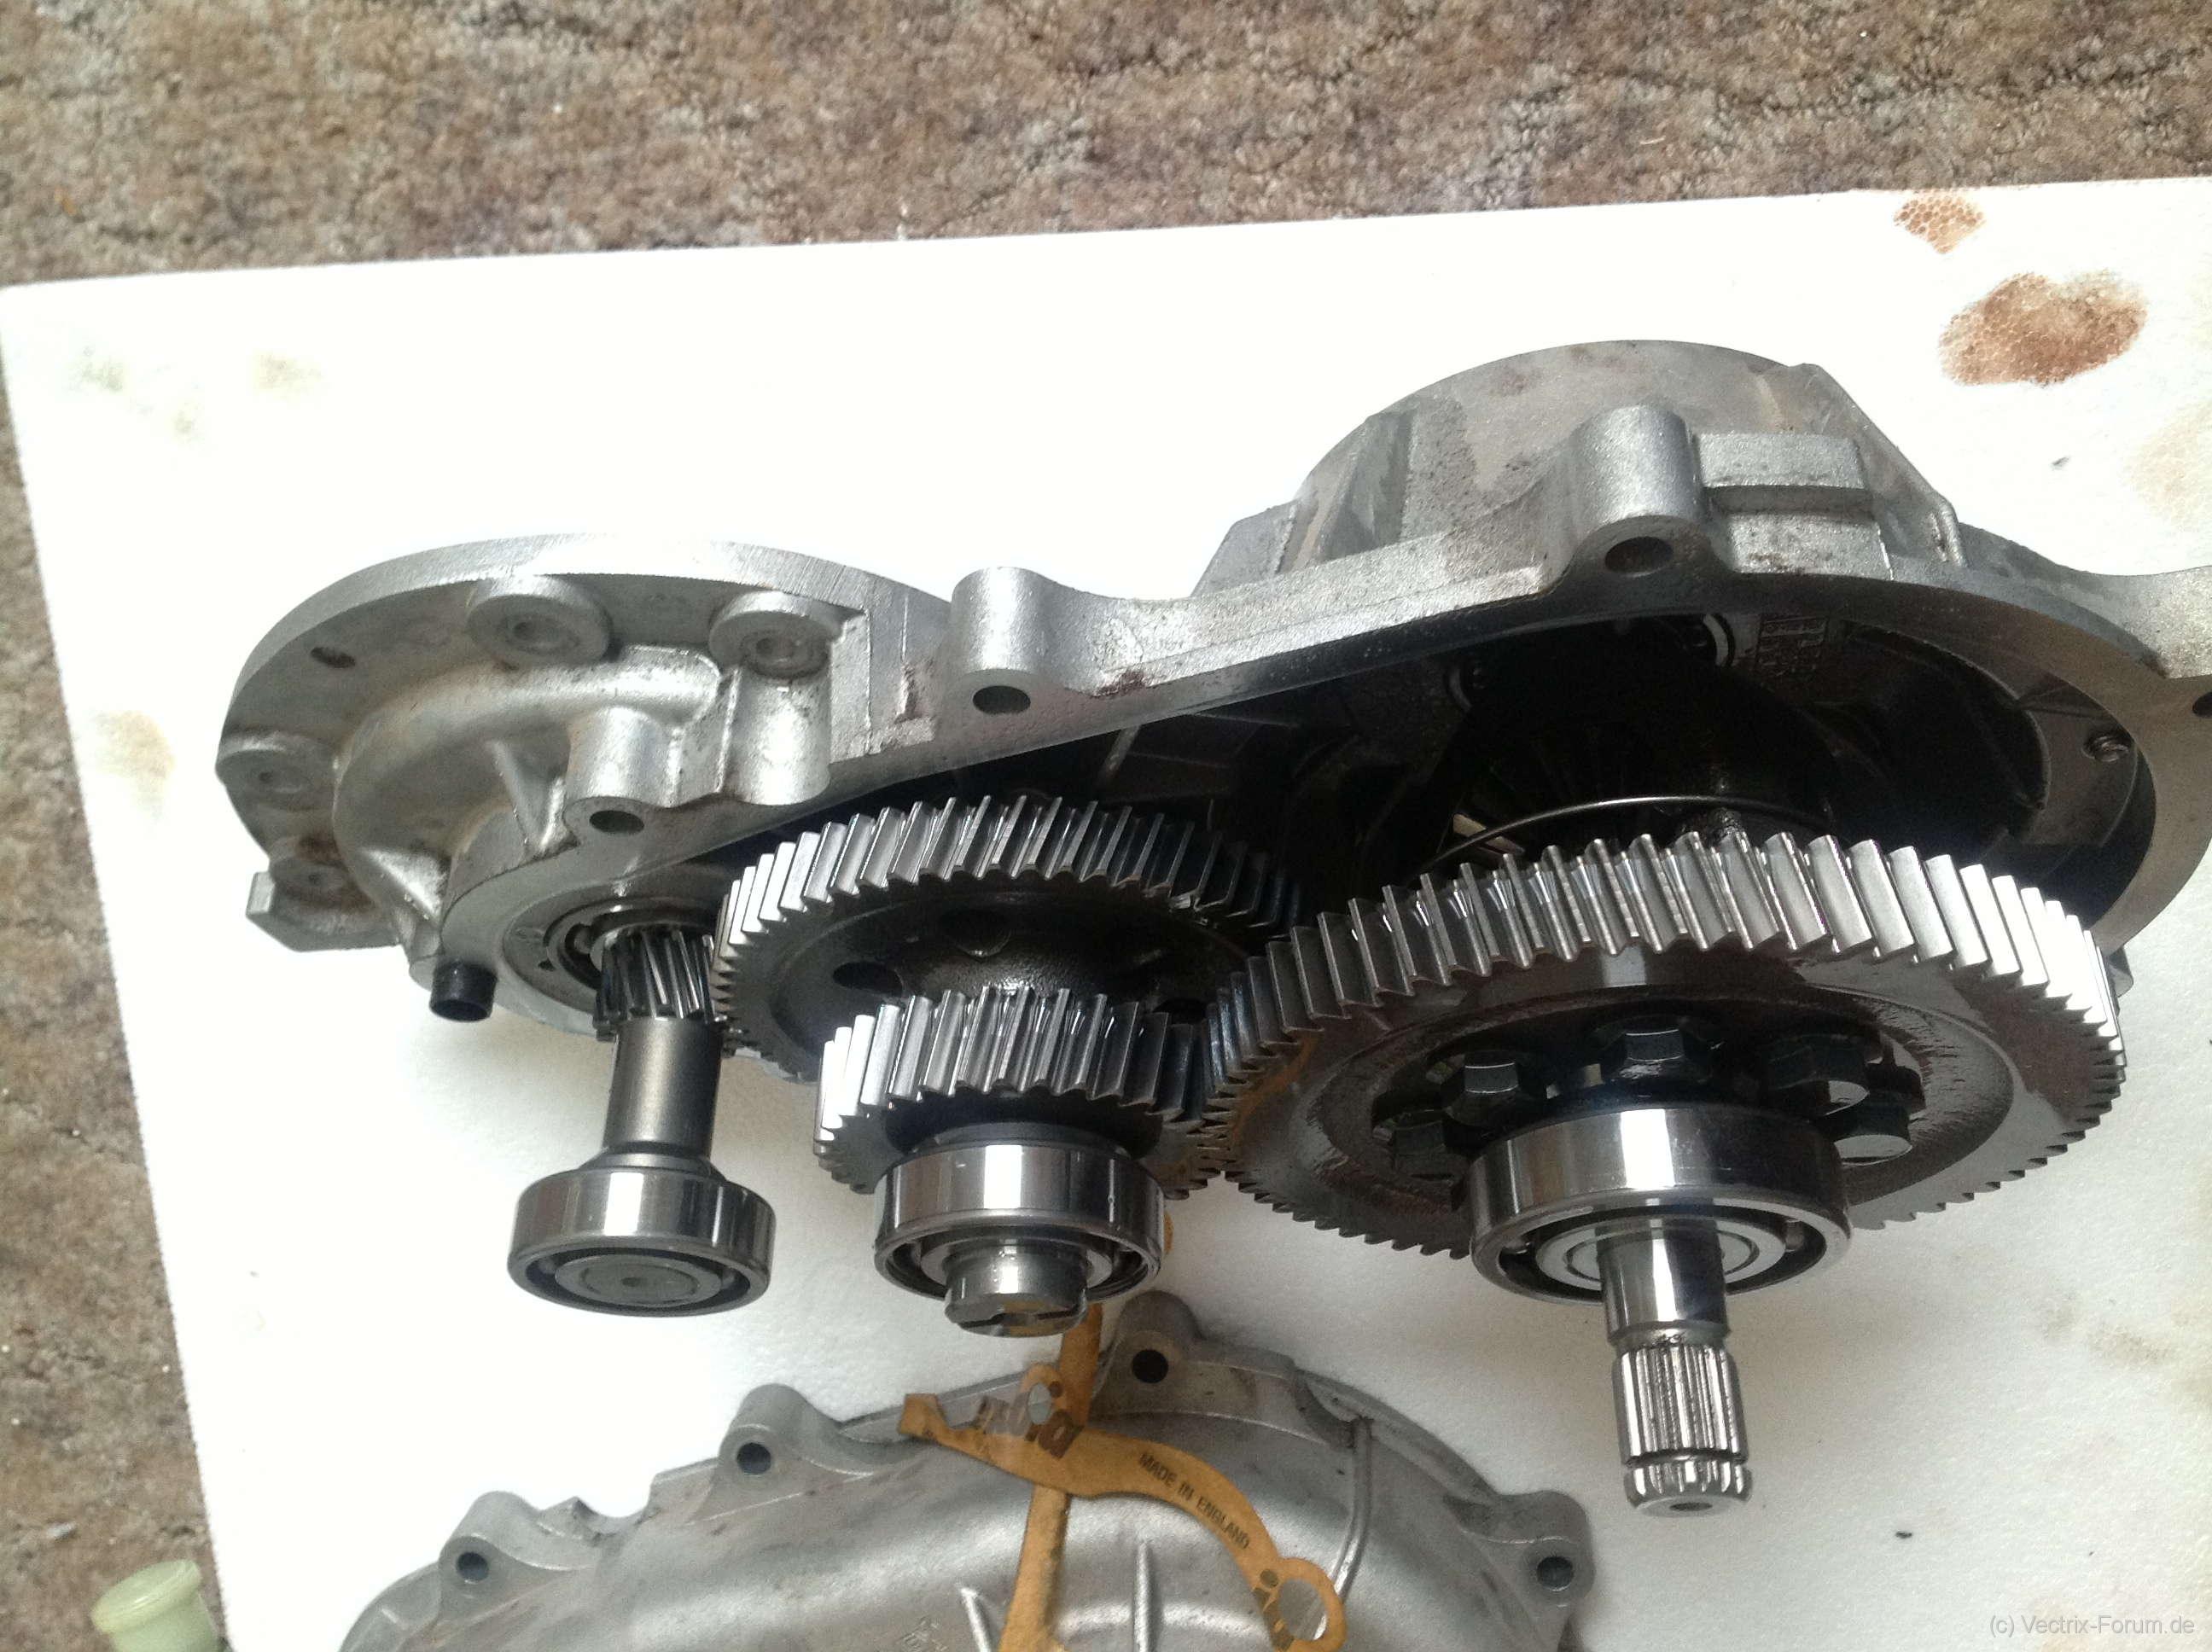 Twizy-Comex-Getriebe-2.jpg.9da368b14203beedb02f8580be51d600.jpg